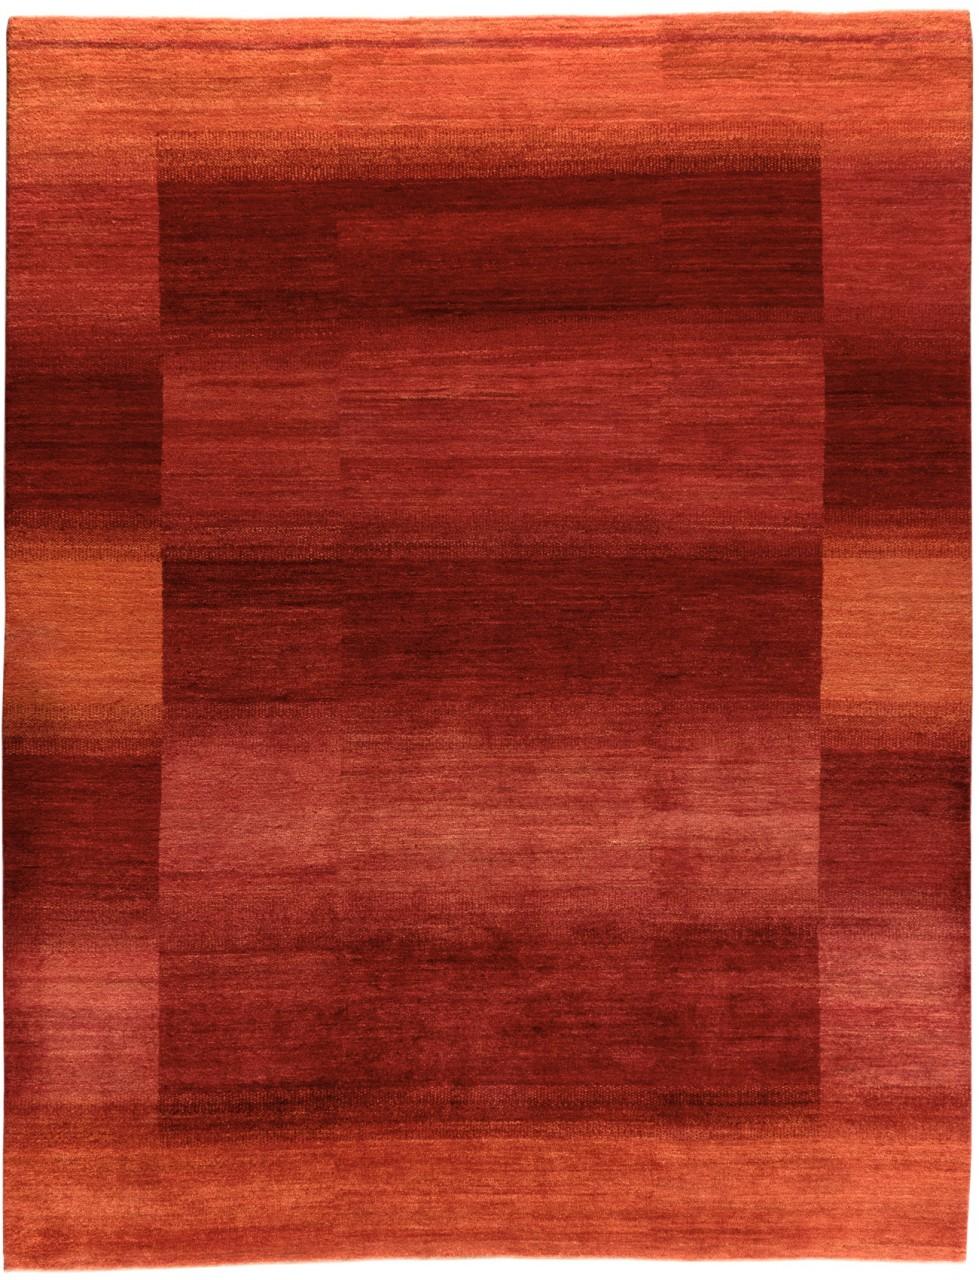 Iran Gabbeh Teppich-Unikat Rote Sonne